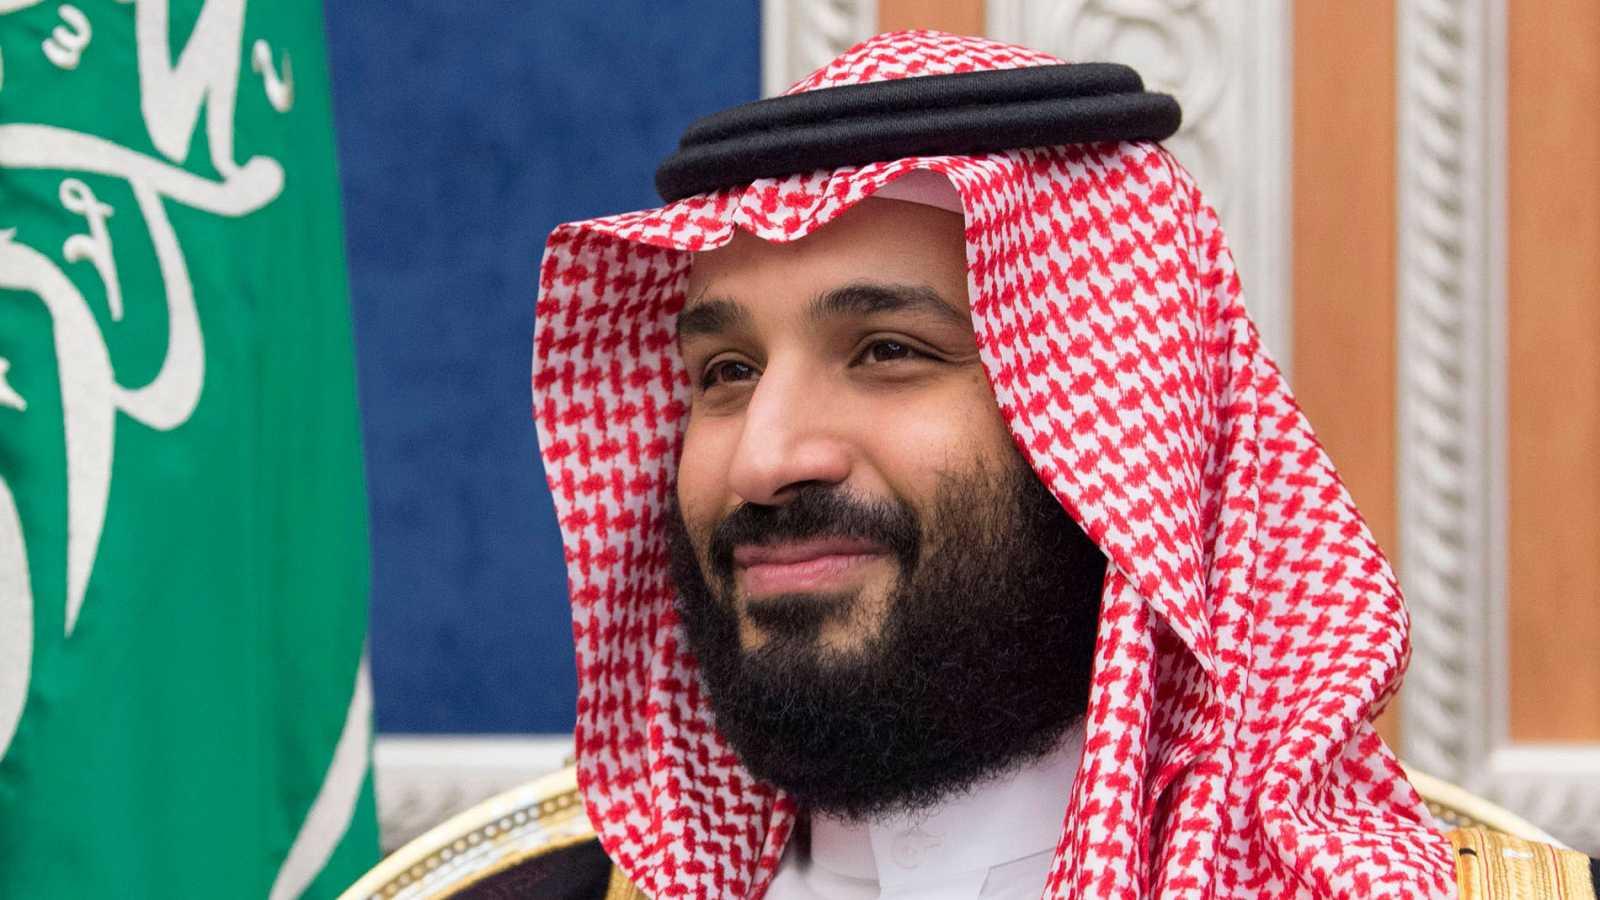 Resultado de imagen para Arabia Saudita, Mohammed bin Salman,